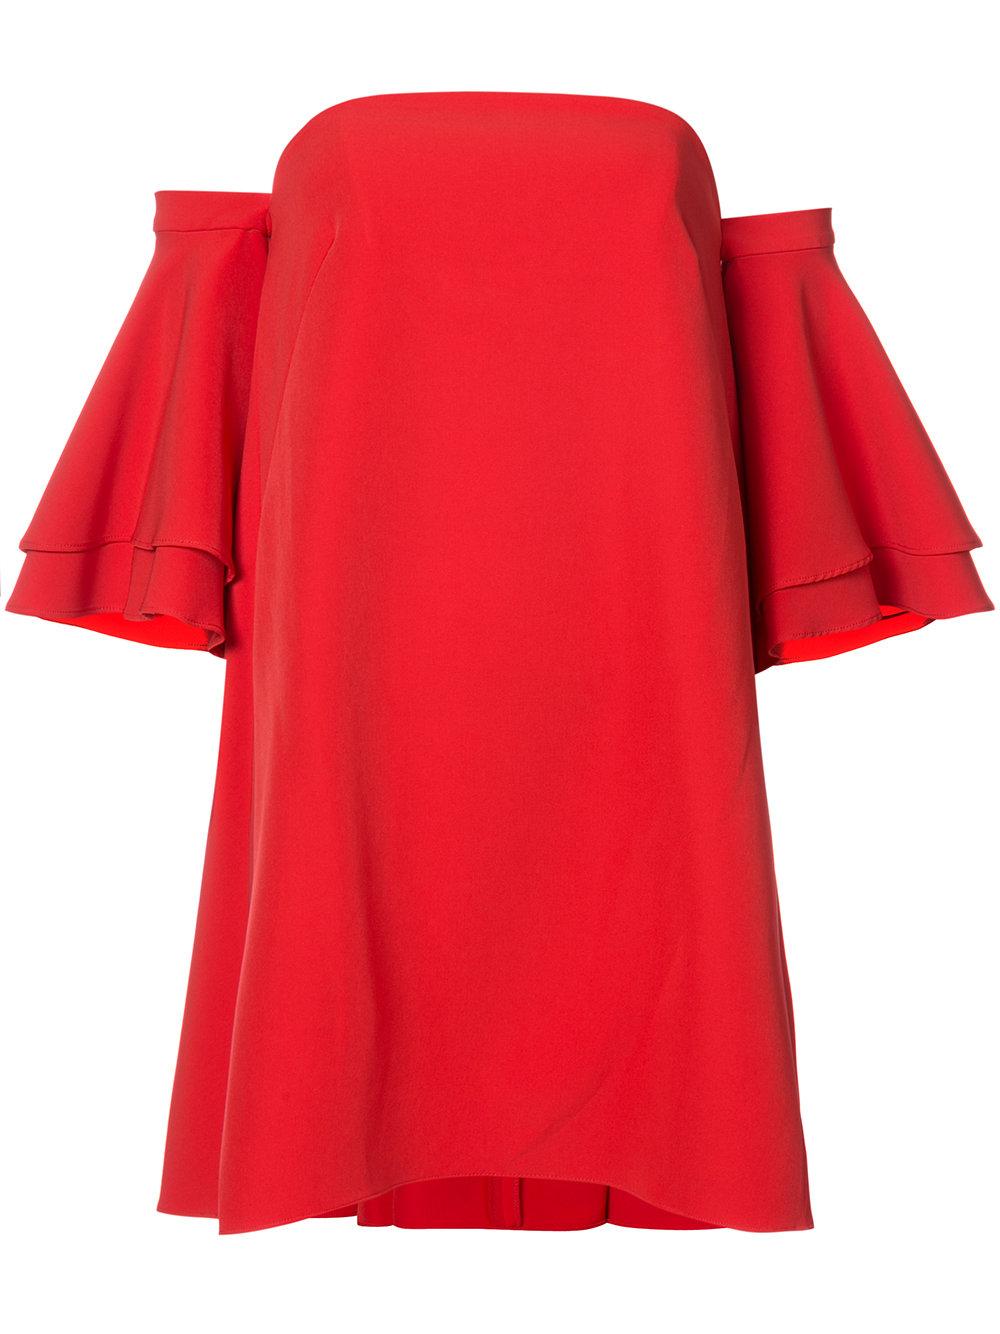 MILLY dress $435